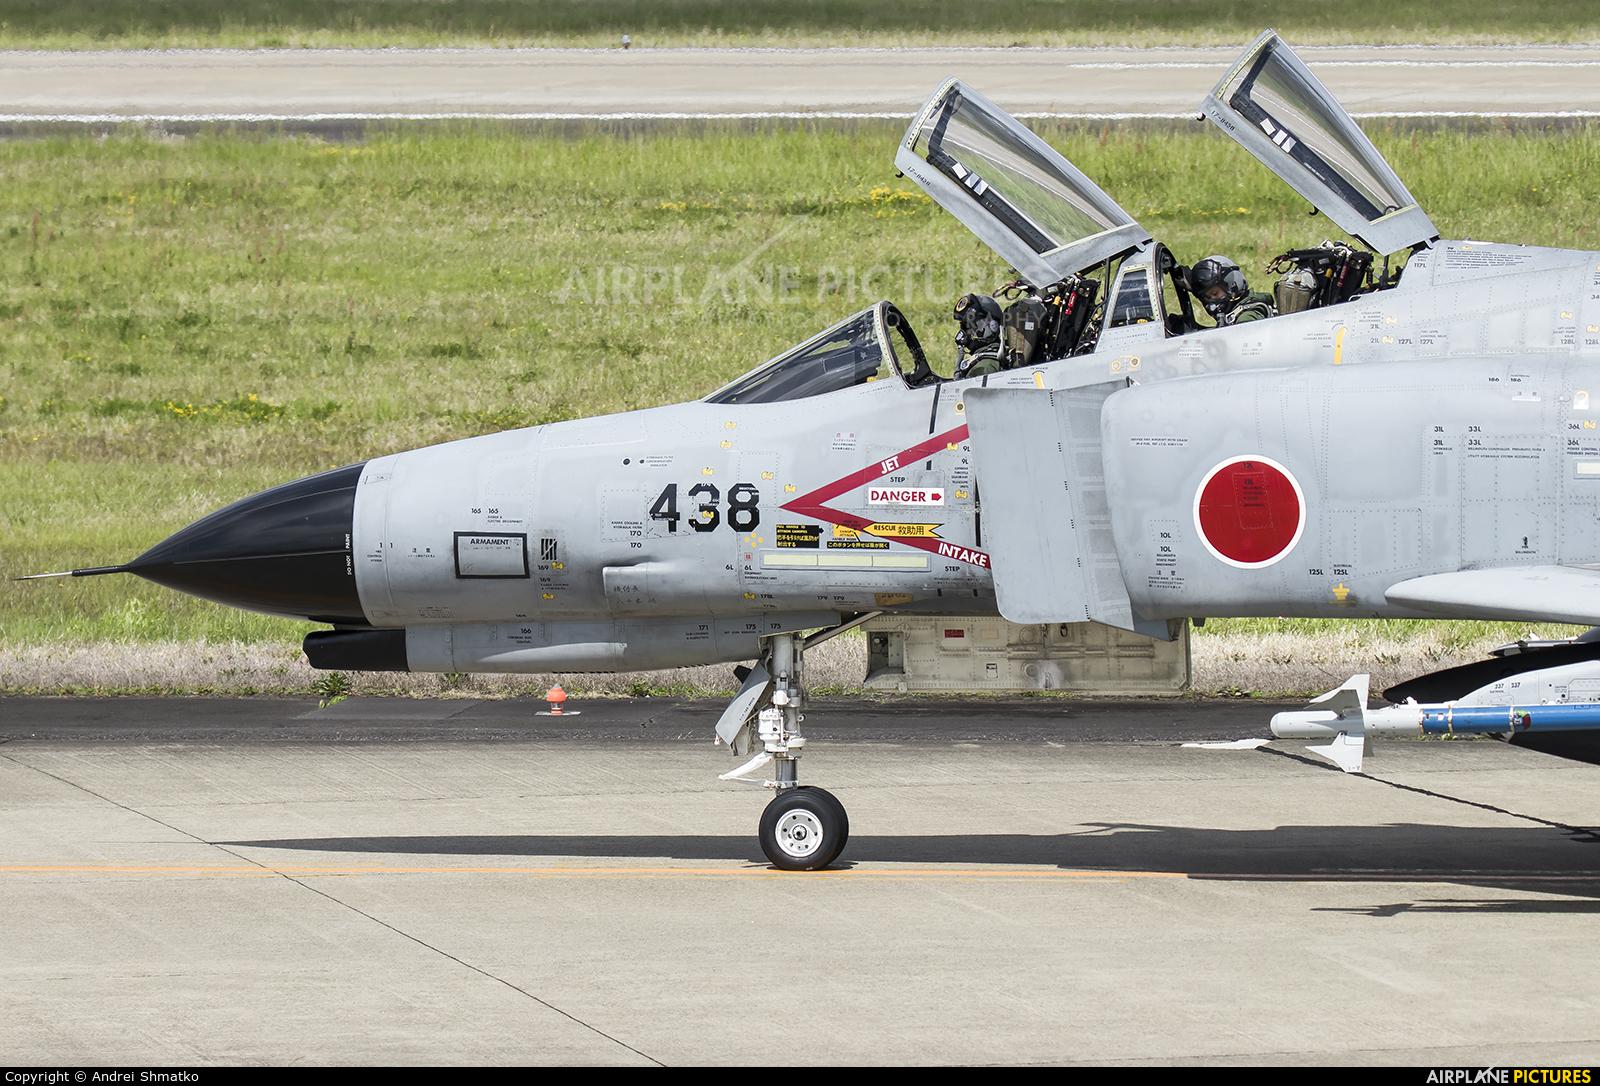 Japan - Air Self Defence Force 17-8438 aircraft at Ibaraki - Hyakuri AB